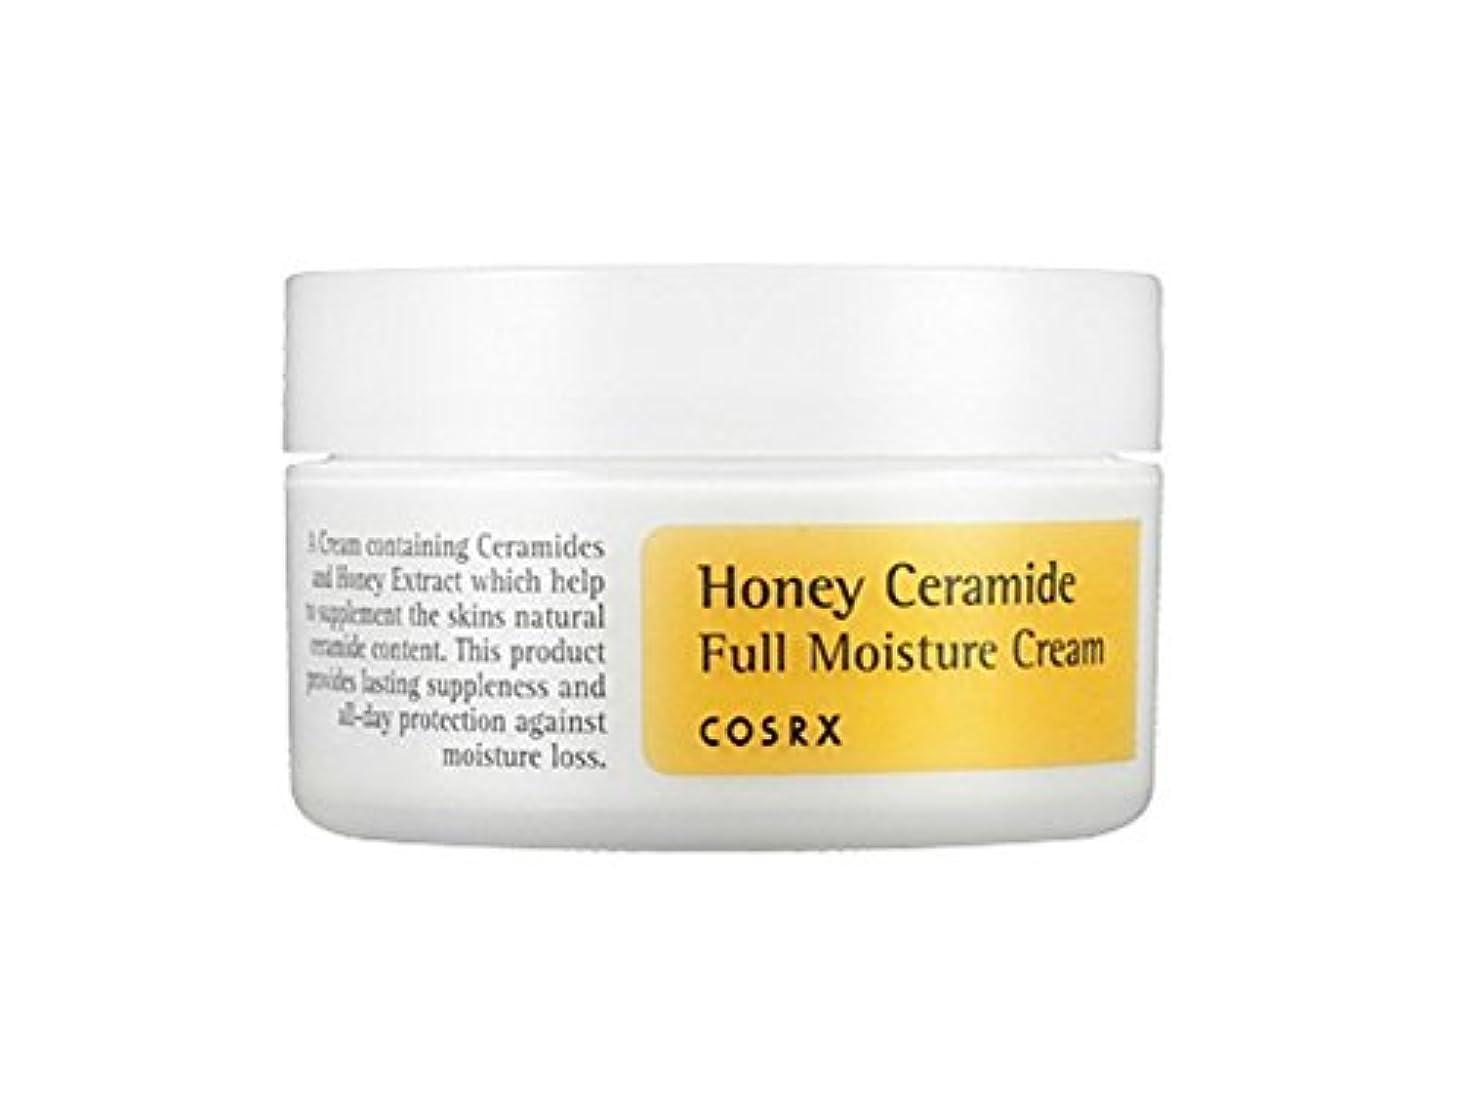 リップ八百屋差別的COSRX Honey Ceramide Full Moisture Cream 50ml/COSRX ハニー セラミド フル モイスチャー クリーム 50ml [並行輸入品]